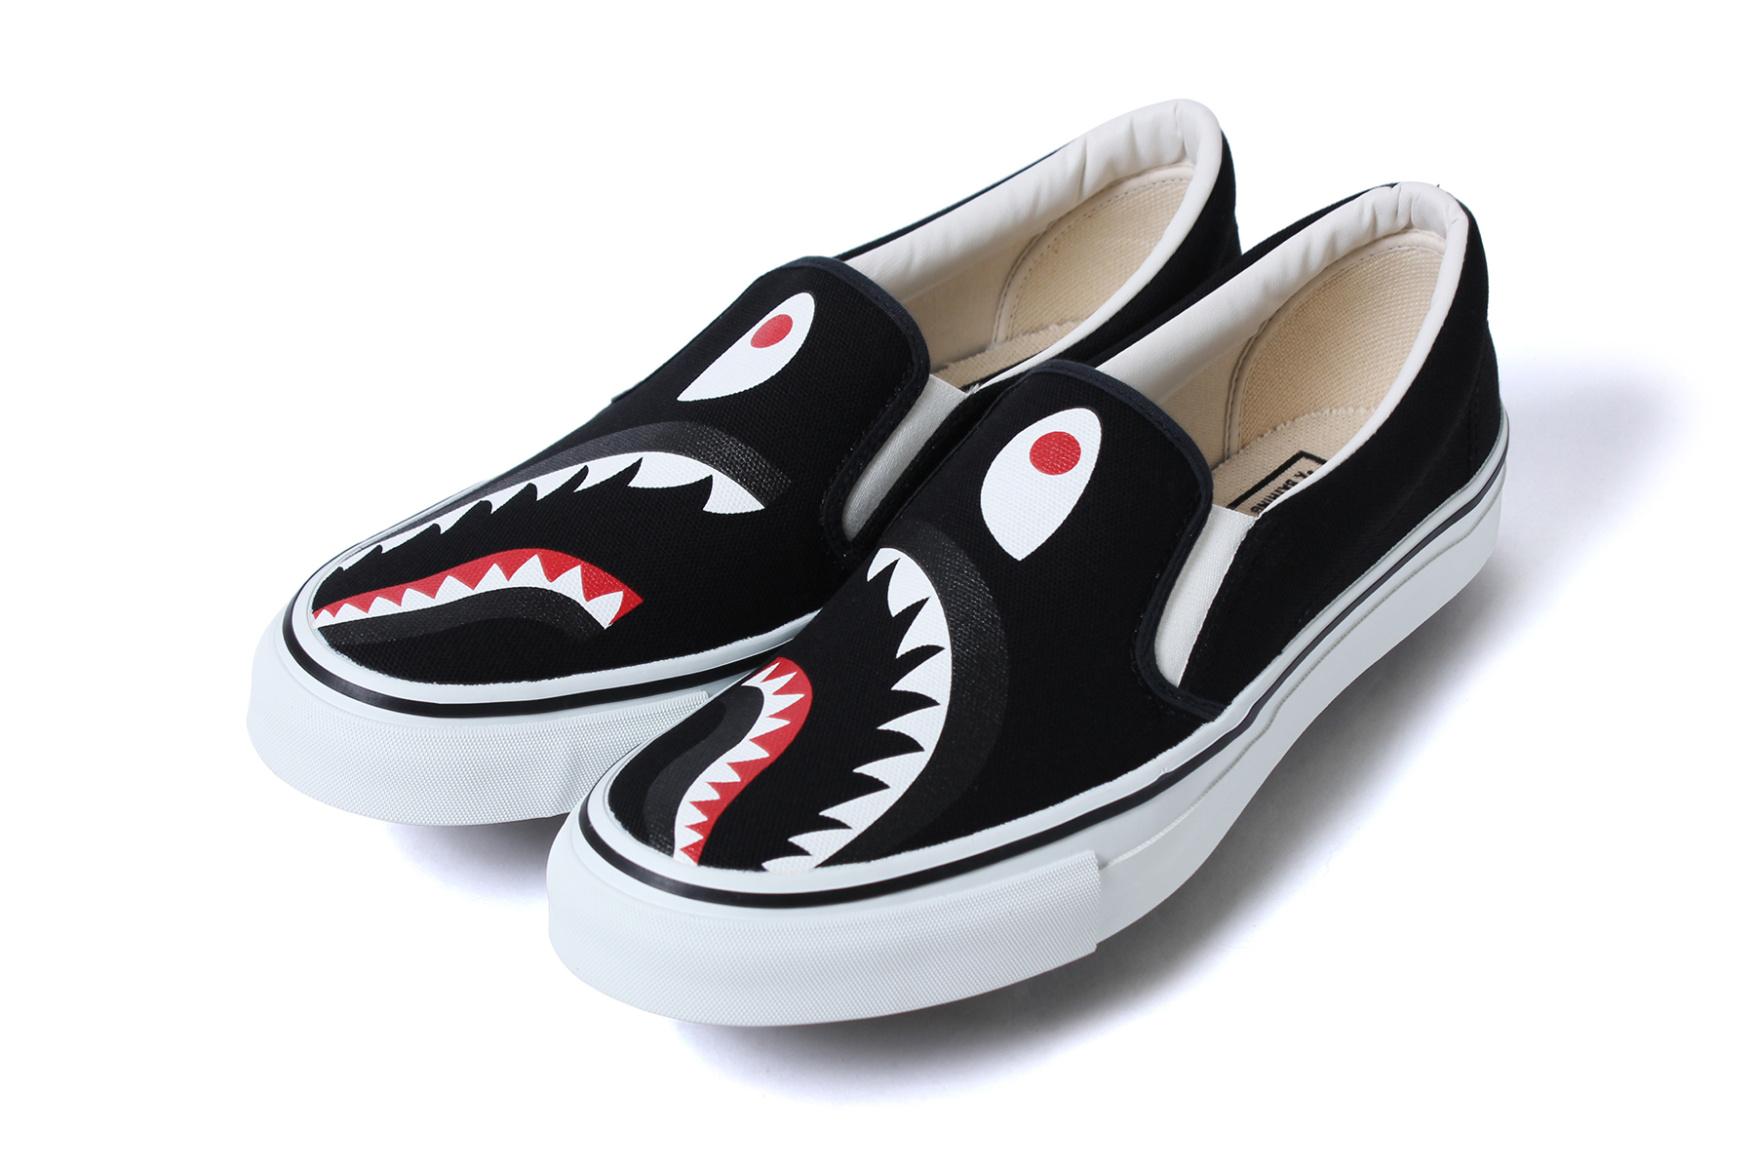 La nouvelle Bape Shark Slip On fait son apparition